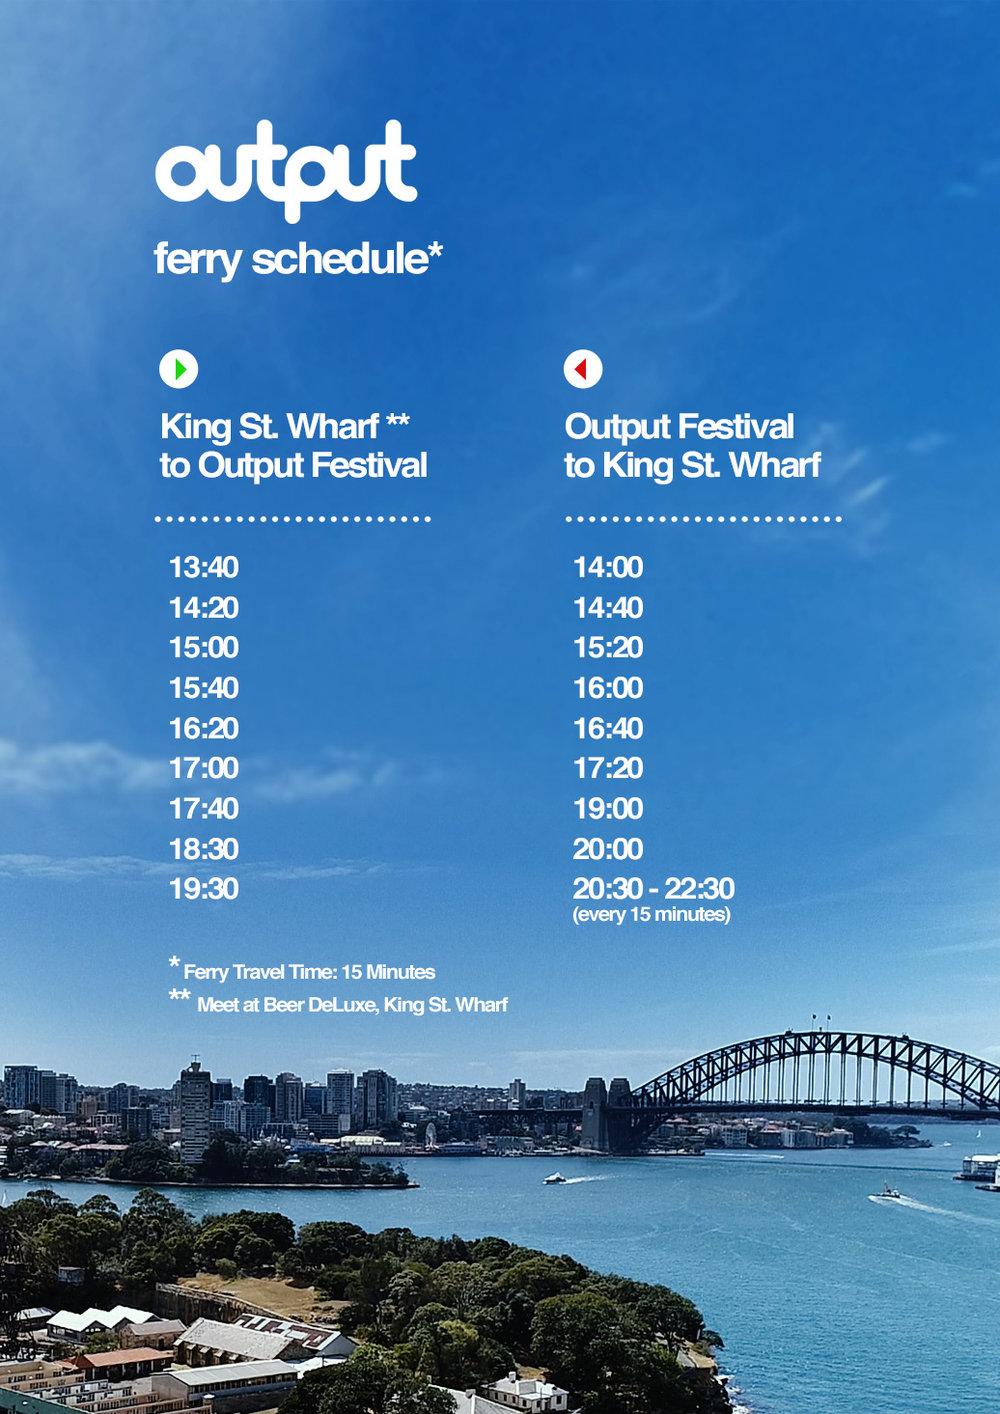 ferry-schedule-2.jpg